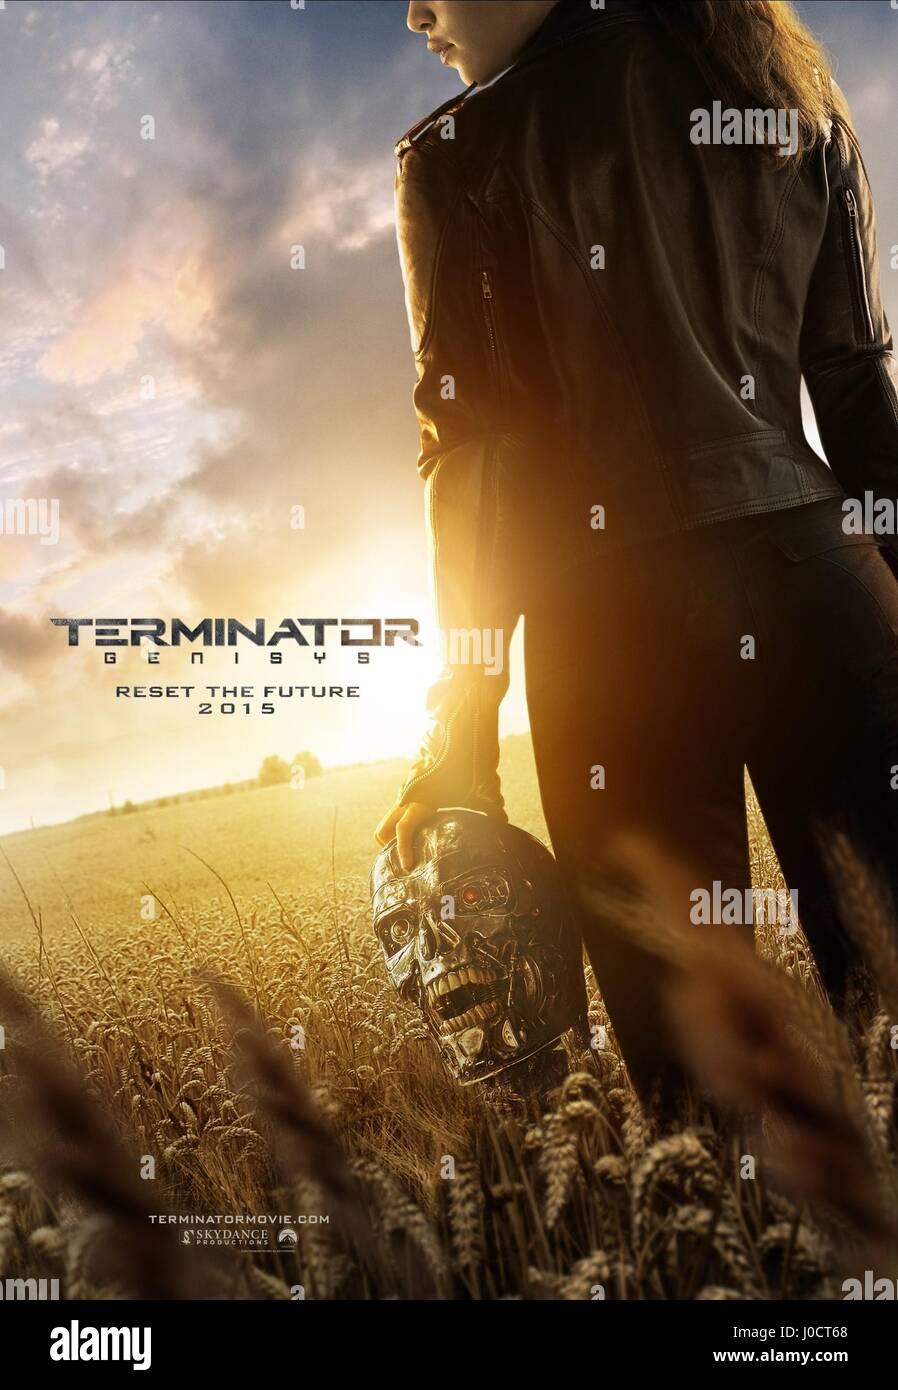 MOVIE POSTER TERMINATOR GENISYS; TERMINATOR 5 (2015) - Stock Image